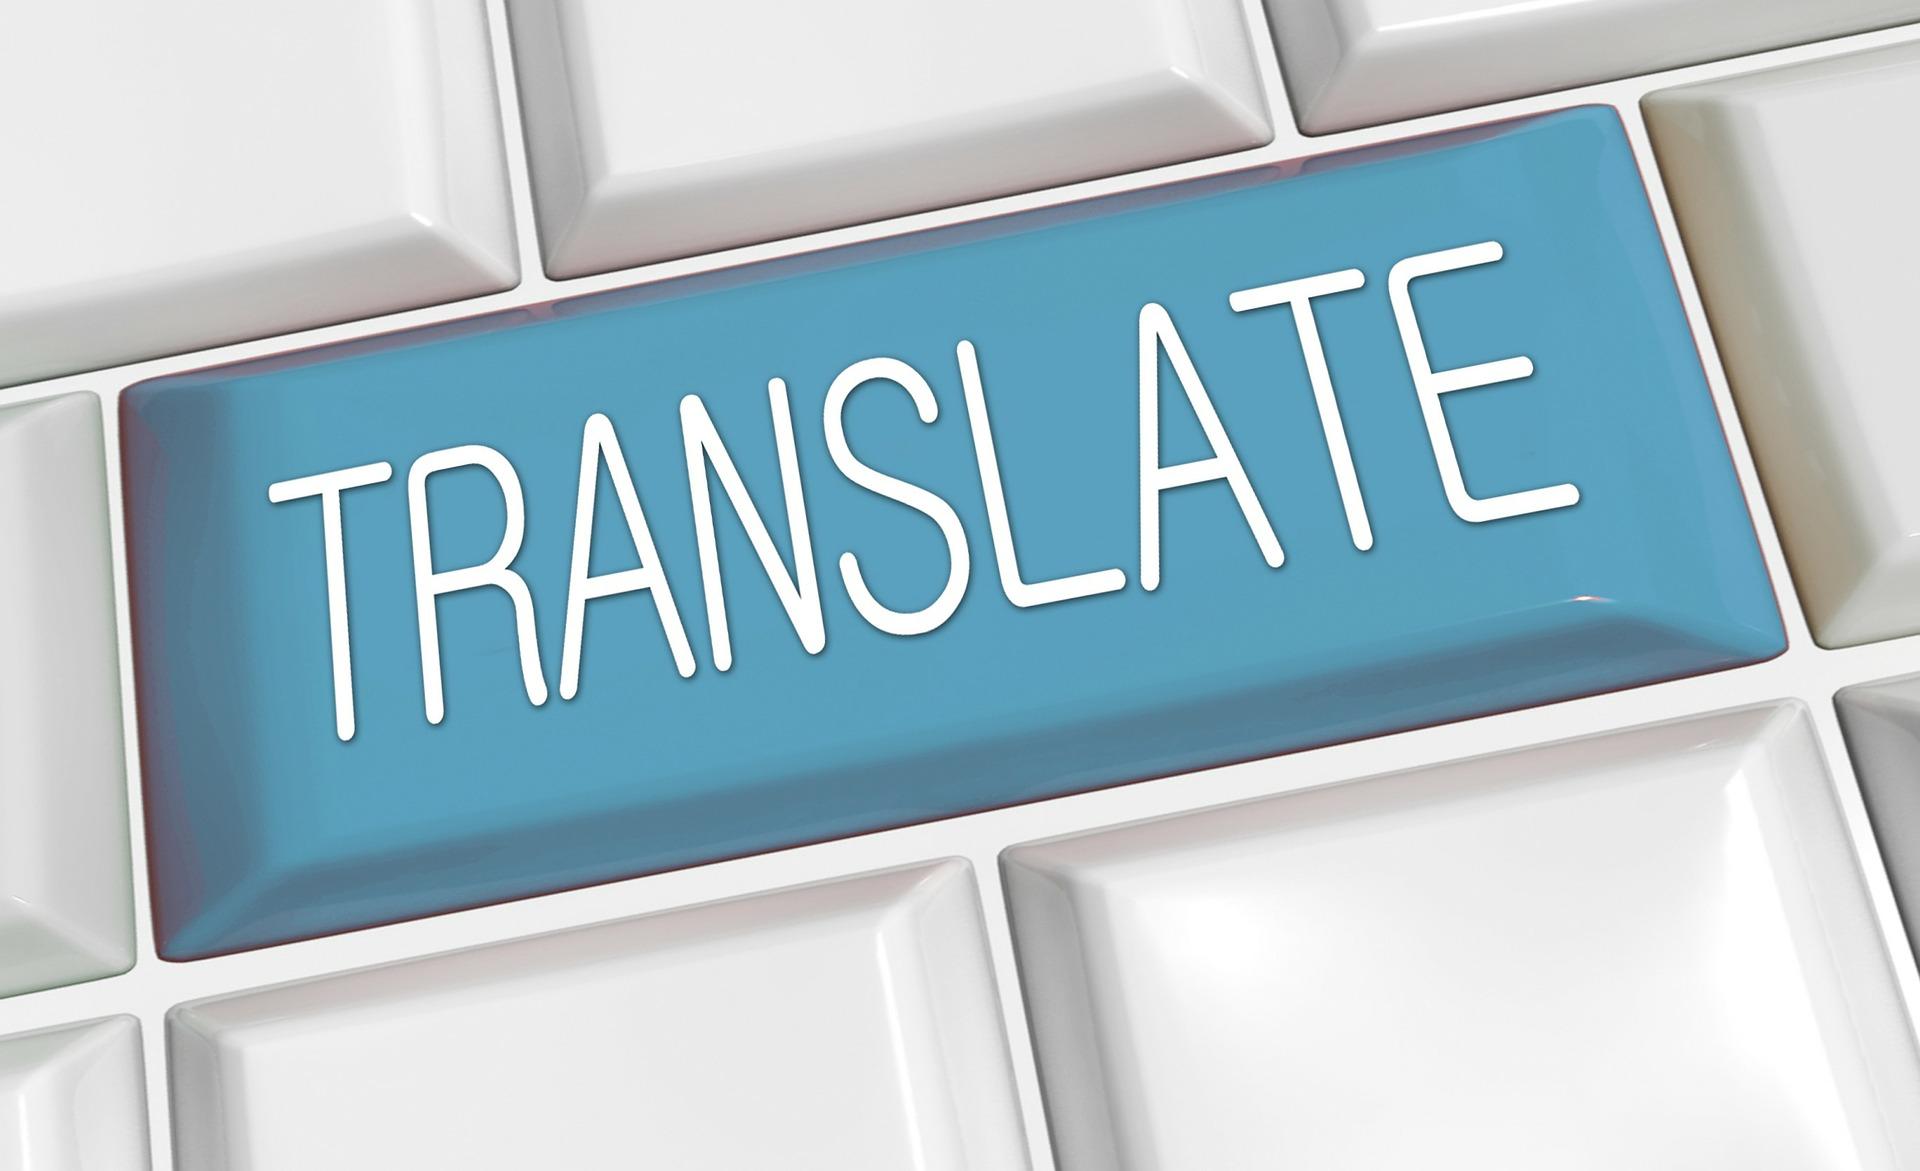 Sinchroninis vertimas